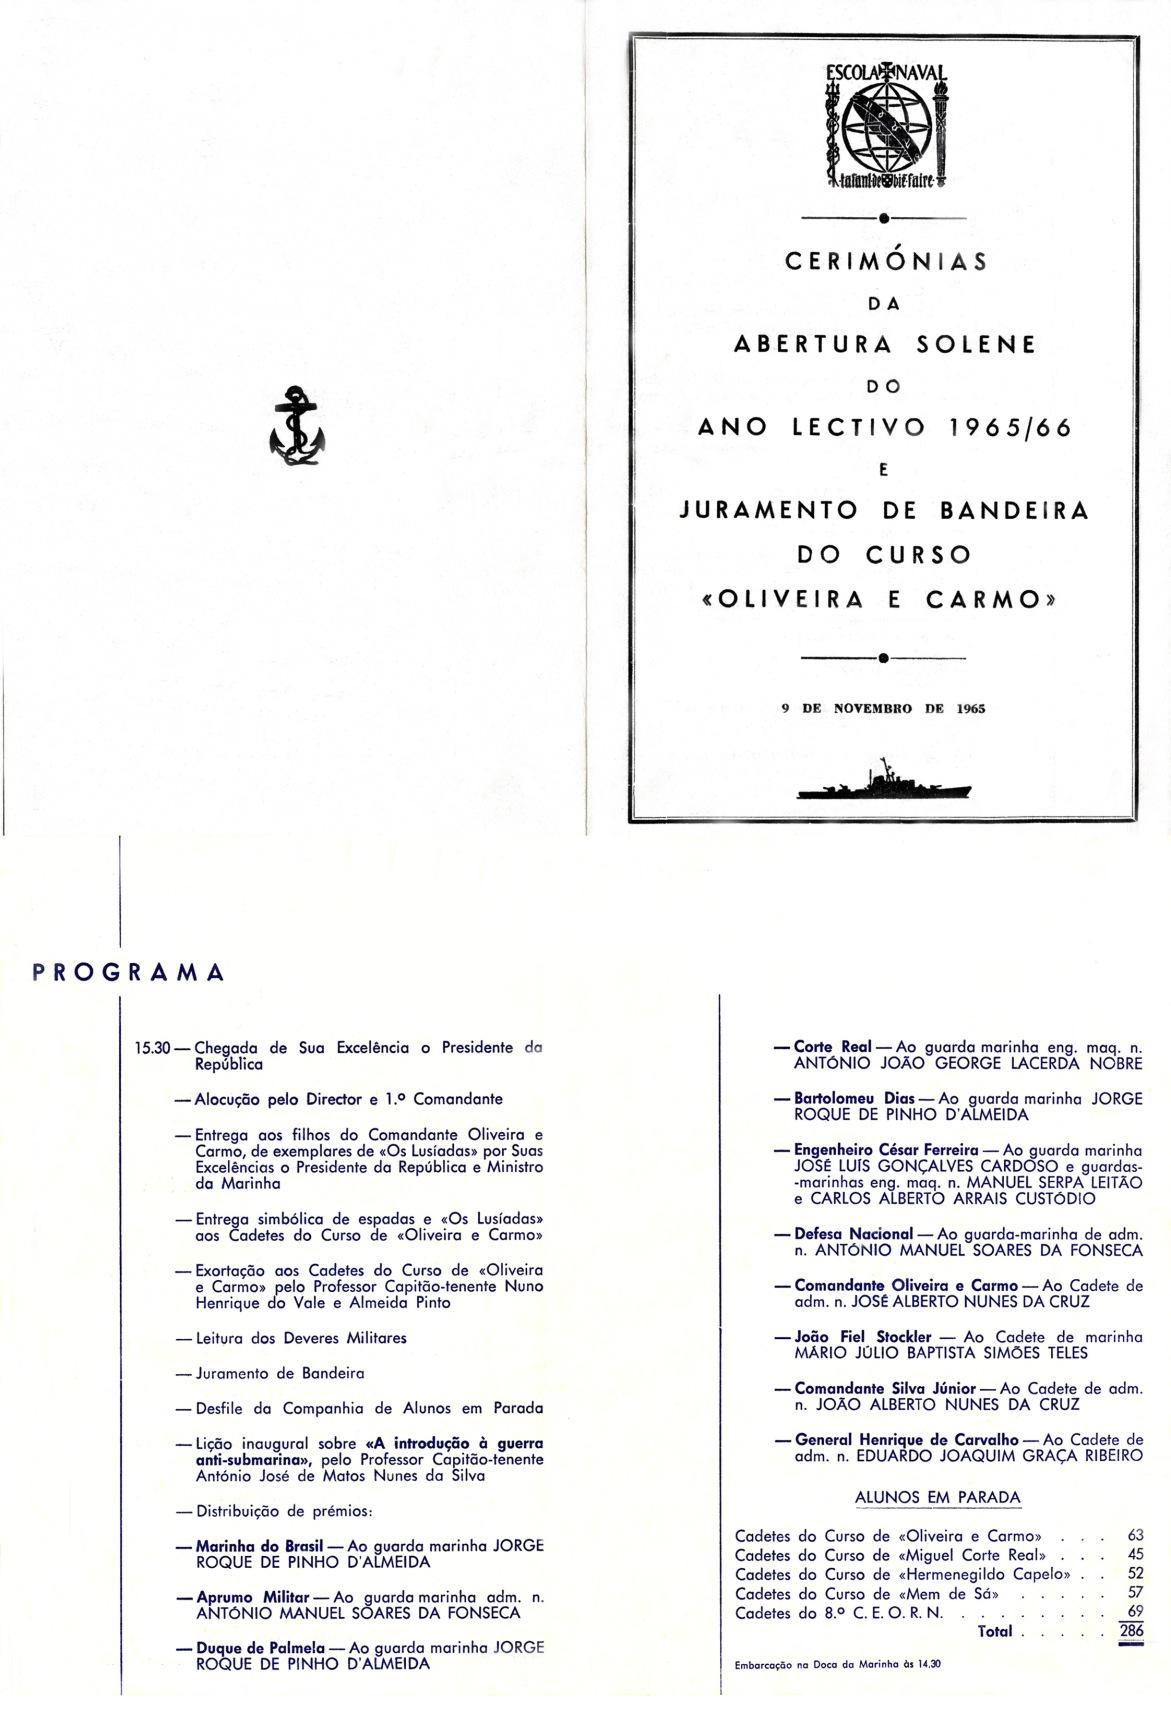 00451 965-11-09 Programa da Abertura do Ano Lectivo 65-66 e Juramento Bandeira Curso Oliveira e Carmo